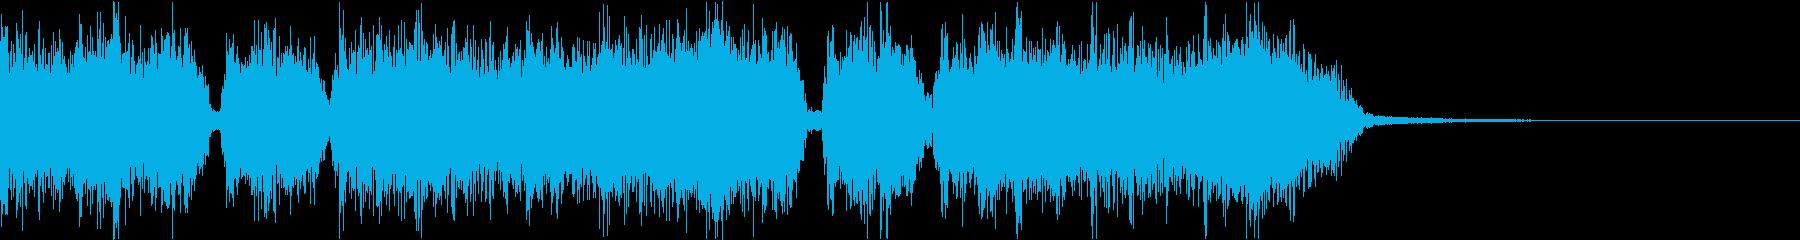 エネルギッシュ・ロックなサウンドロゴ05の再生済みの波形